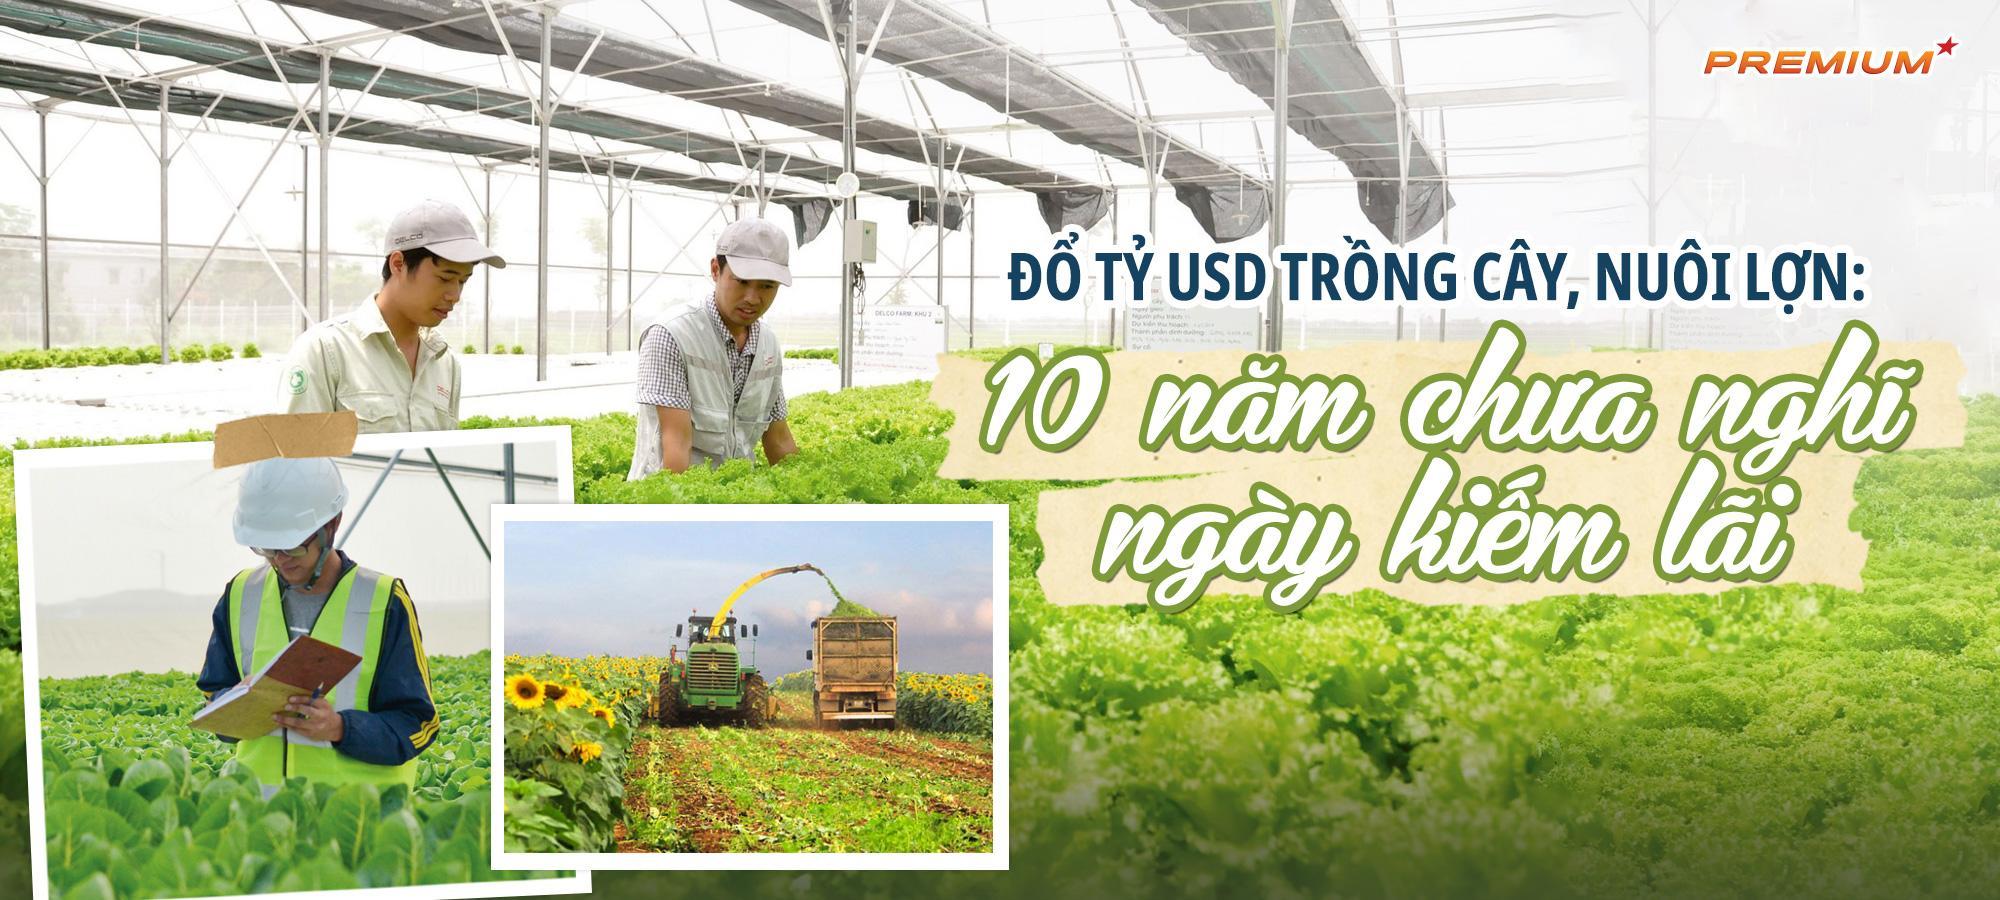 Đổ tỷ USD trồng cây, nuôi lợn: 10 năm chưa nghĩ ngày kiếm lãi